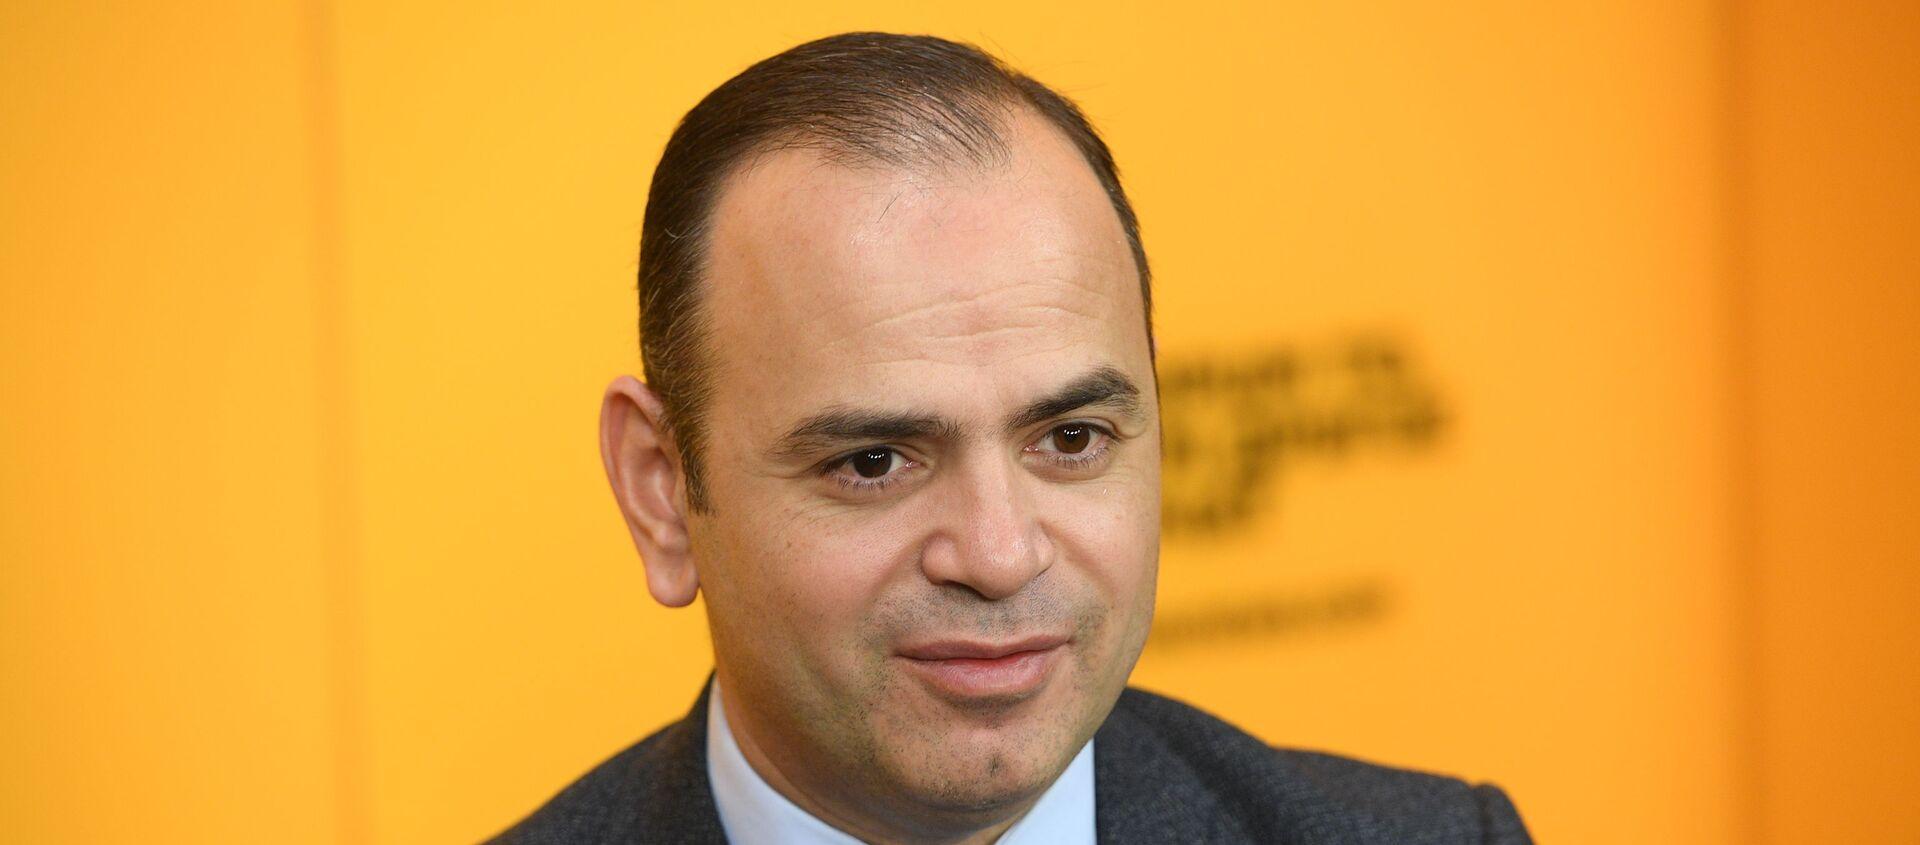 Заре Синанян, главный комиссар аппарата премьер-министра Армении по делам диаспоры - Sputnik Армения, 1920, 04.02.2021